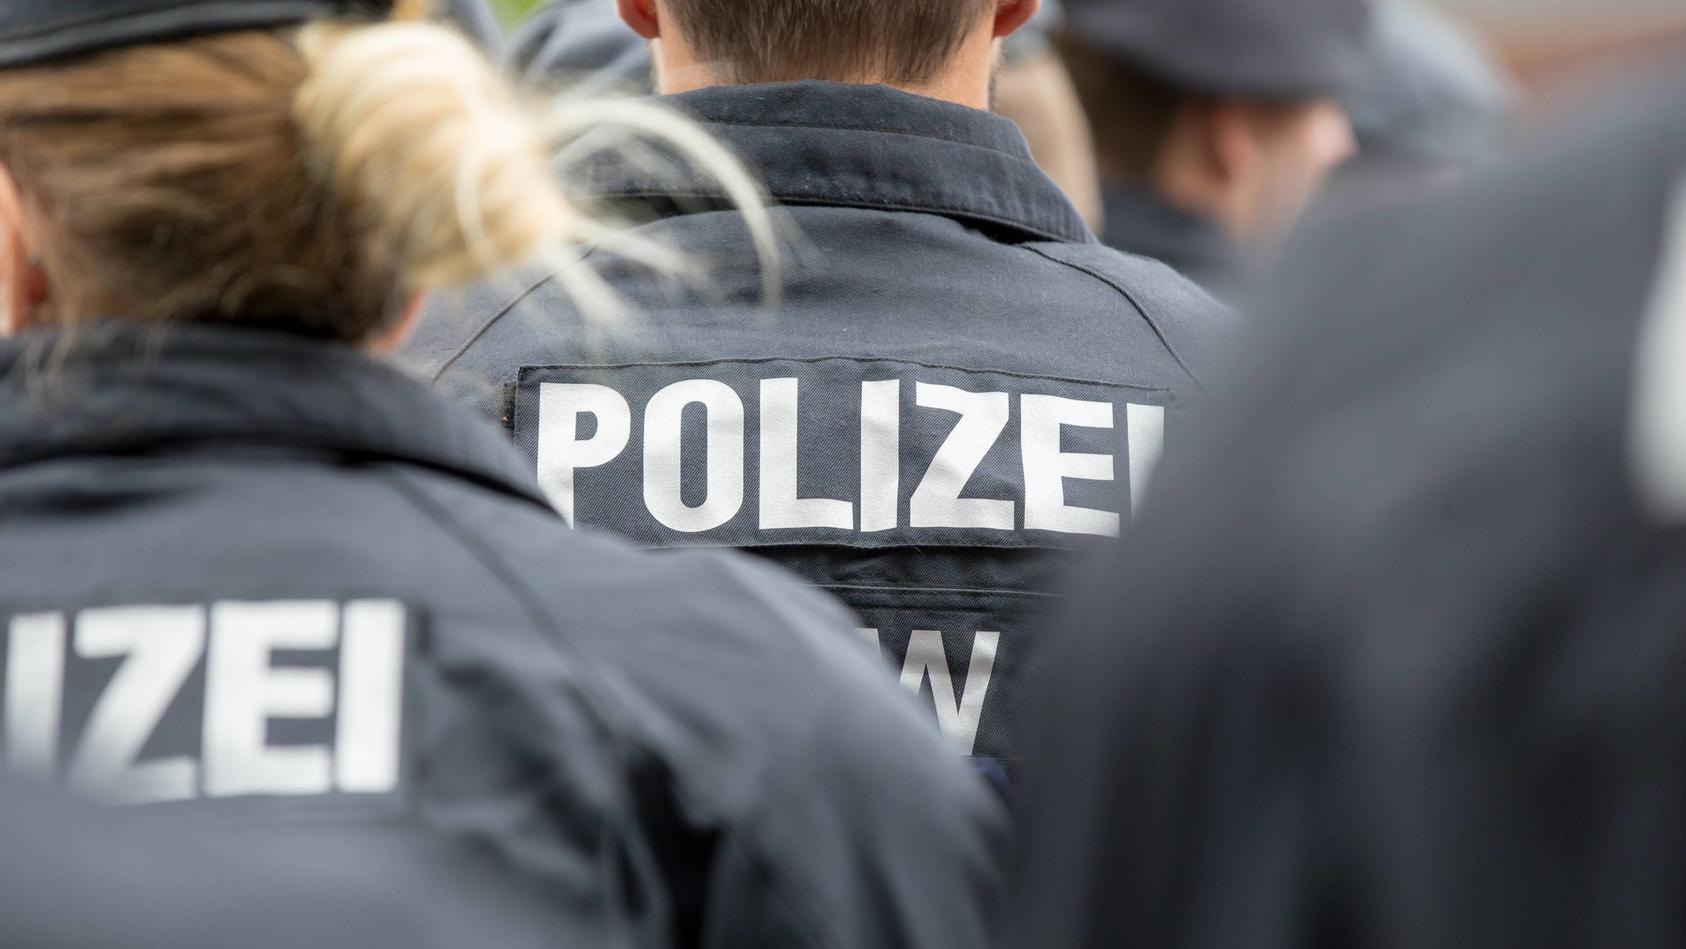 Wieder erschüttert ein Nazi-Skandal bei der Polizei Nordrhein-Westfalen und Deutschland.